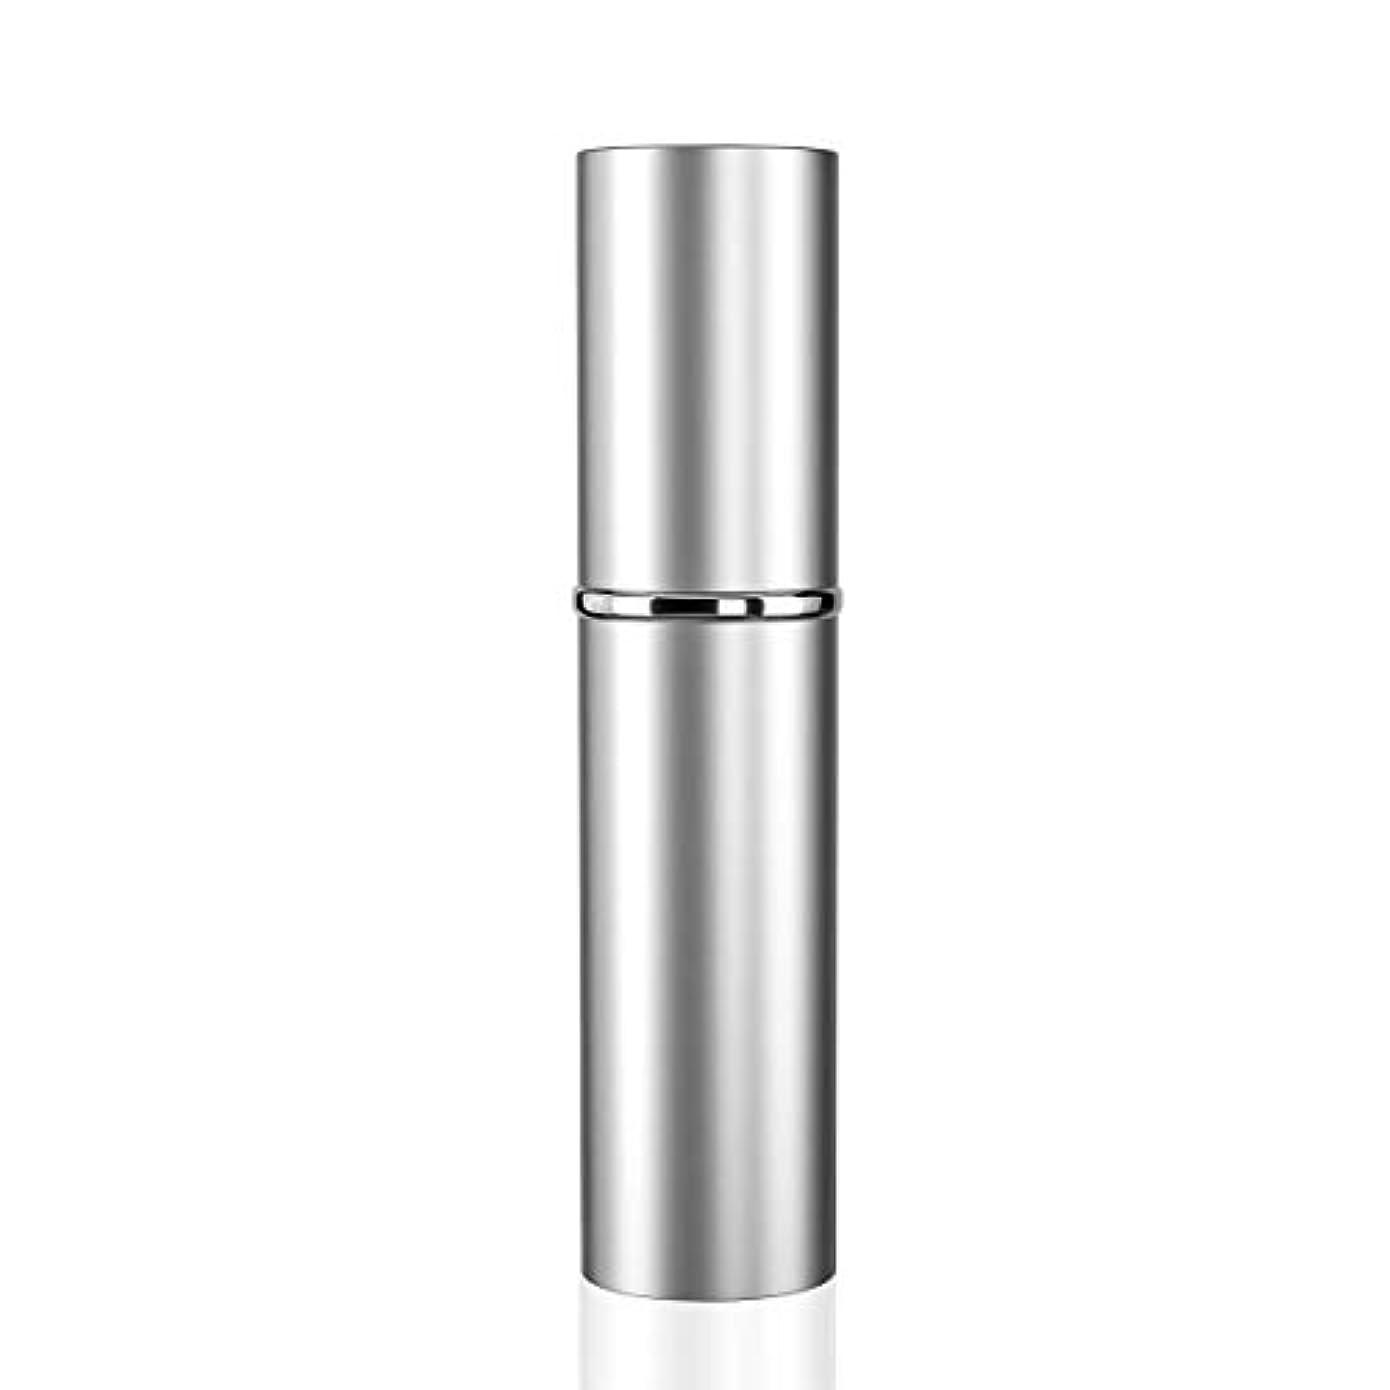 フィールド主権者浮く1アトマイザ スプレーボトル 香水 詰め替え容器 小分けボトル旅行携帯便利 トラベルボトル 男女兼用漏斗付き 銀